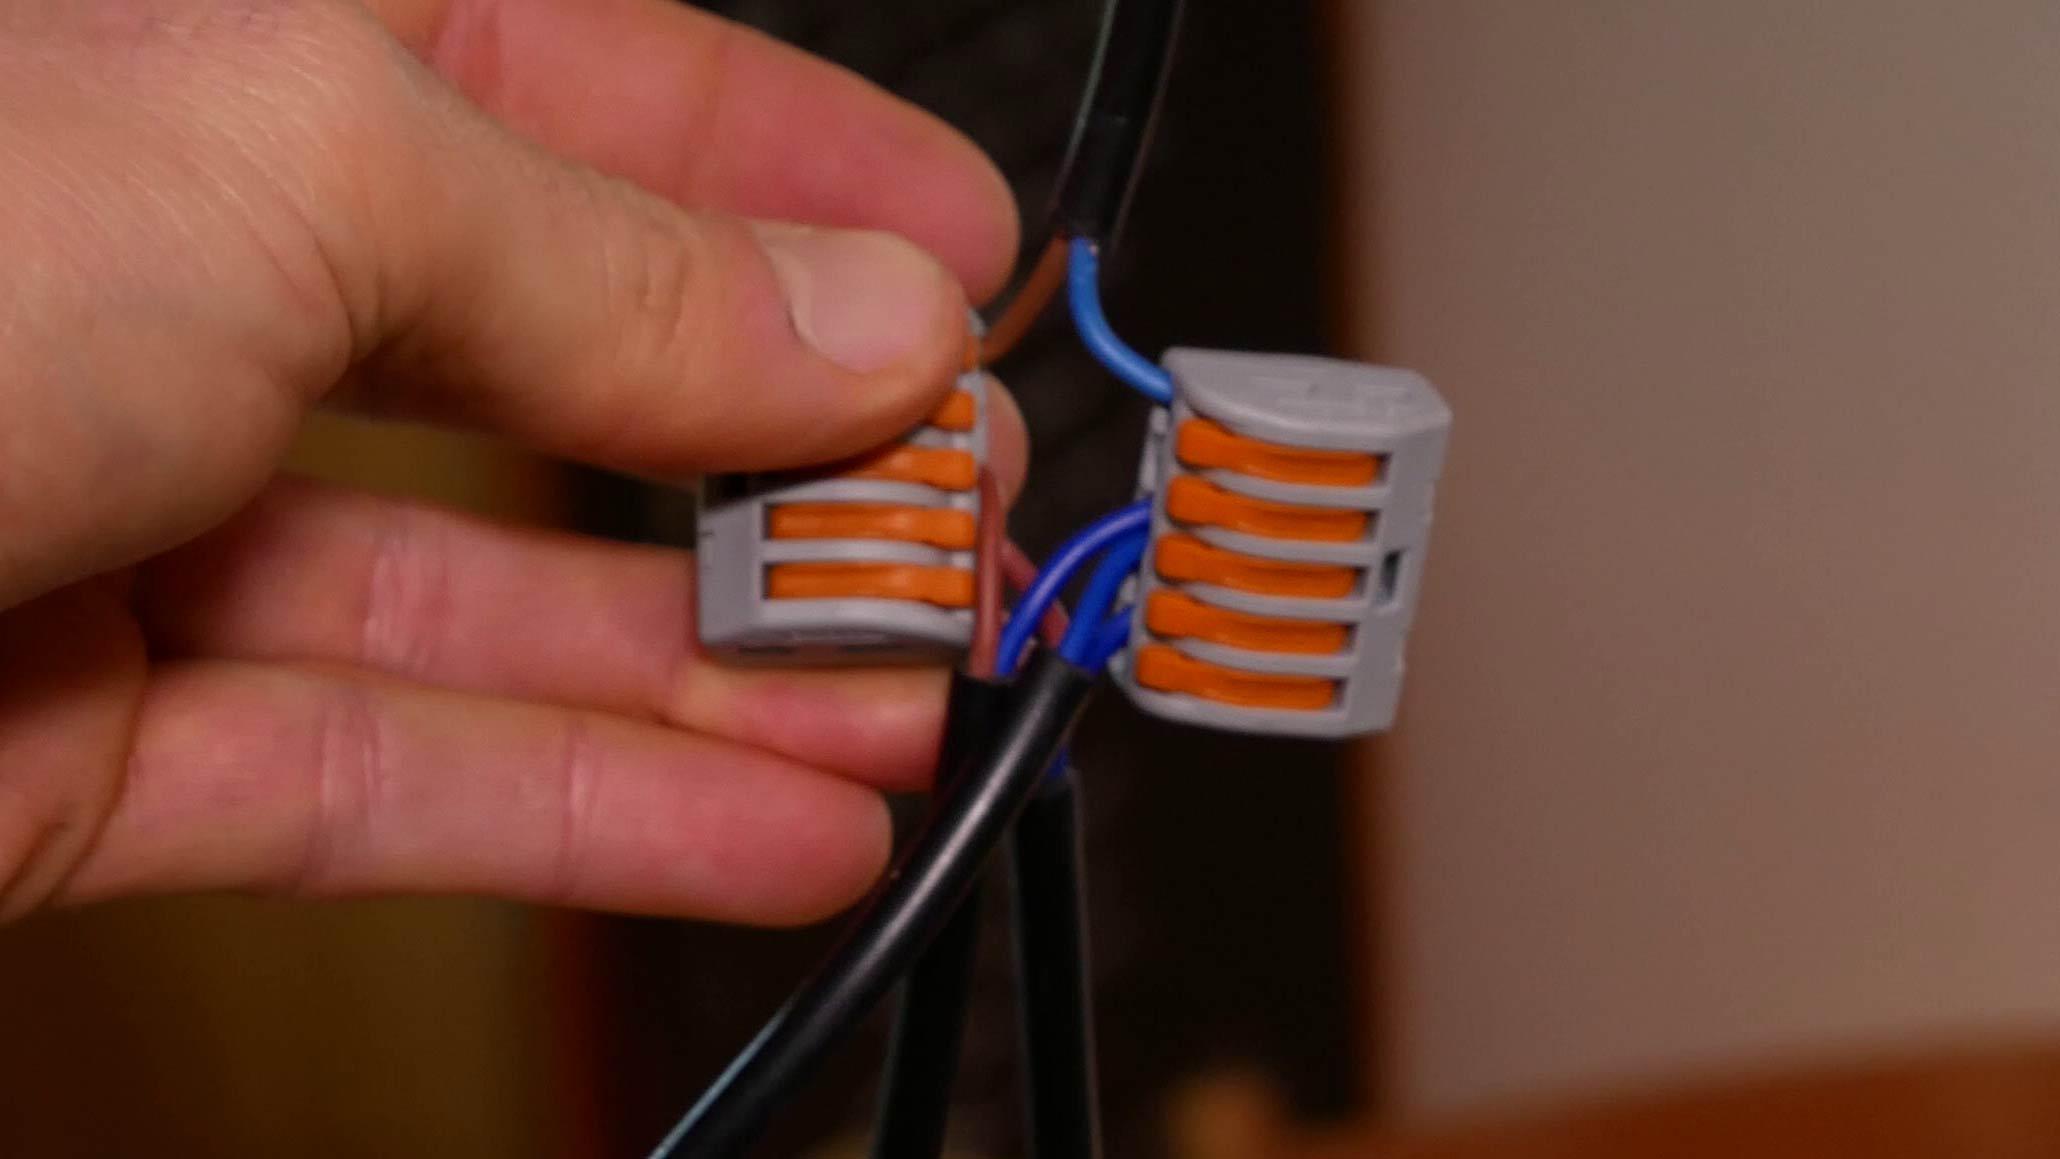 Bevorzugt Lampe anschließen - ein Kabel, mehrere Lampen verkabeln - Made by EX17